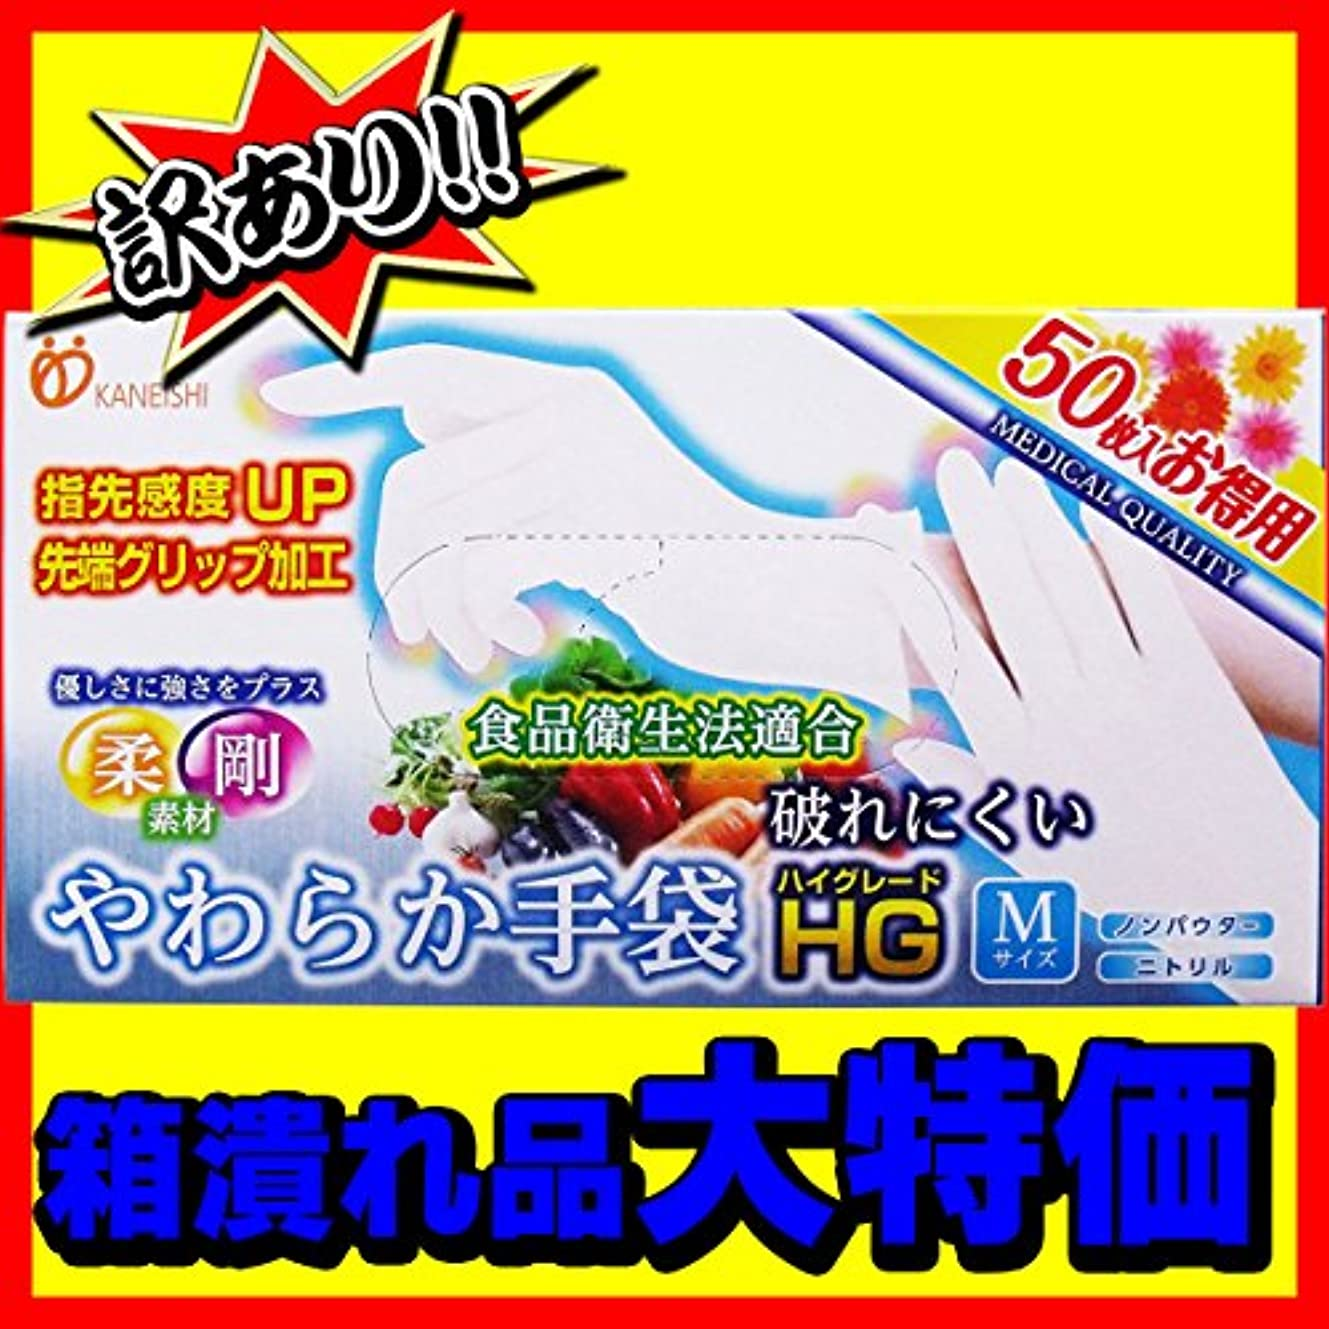 【訳アリ】 やわらか手袋HG(ハイグレード) 二トリル手袋 パウダーフリー Mサイズ50枚入